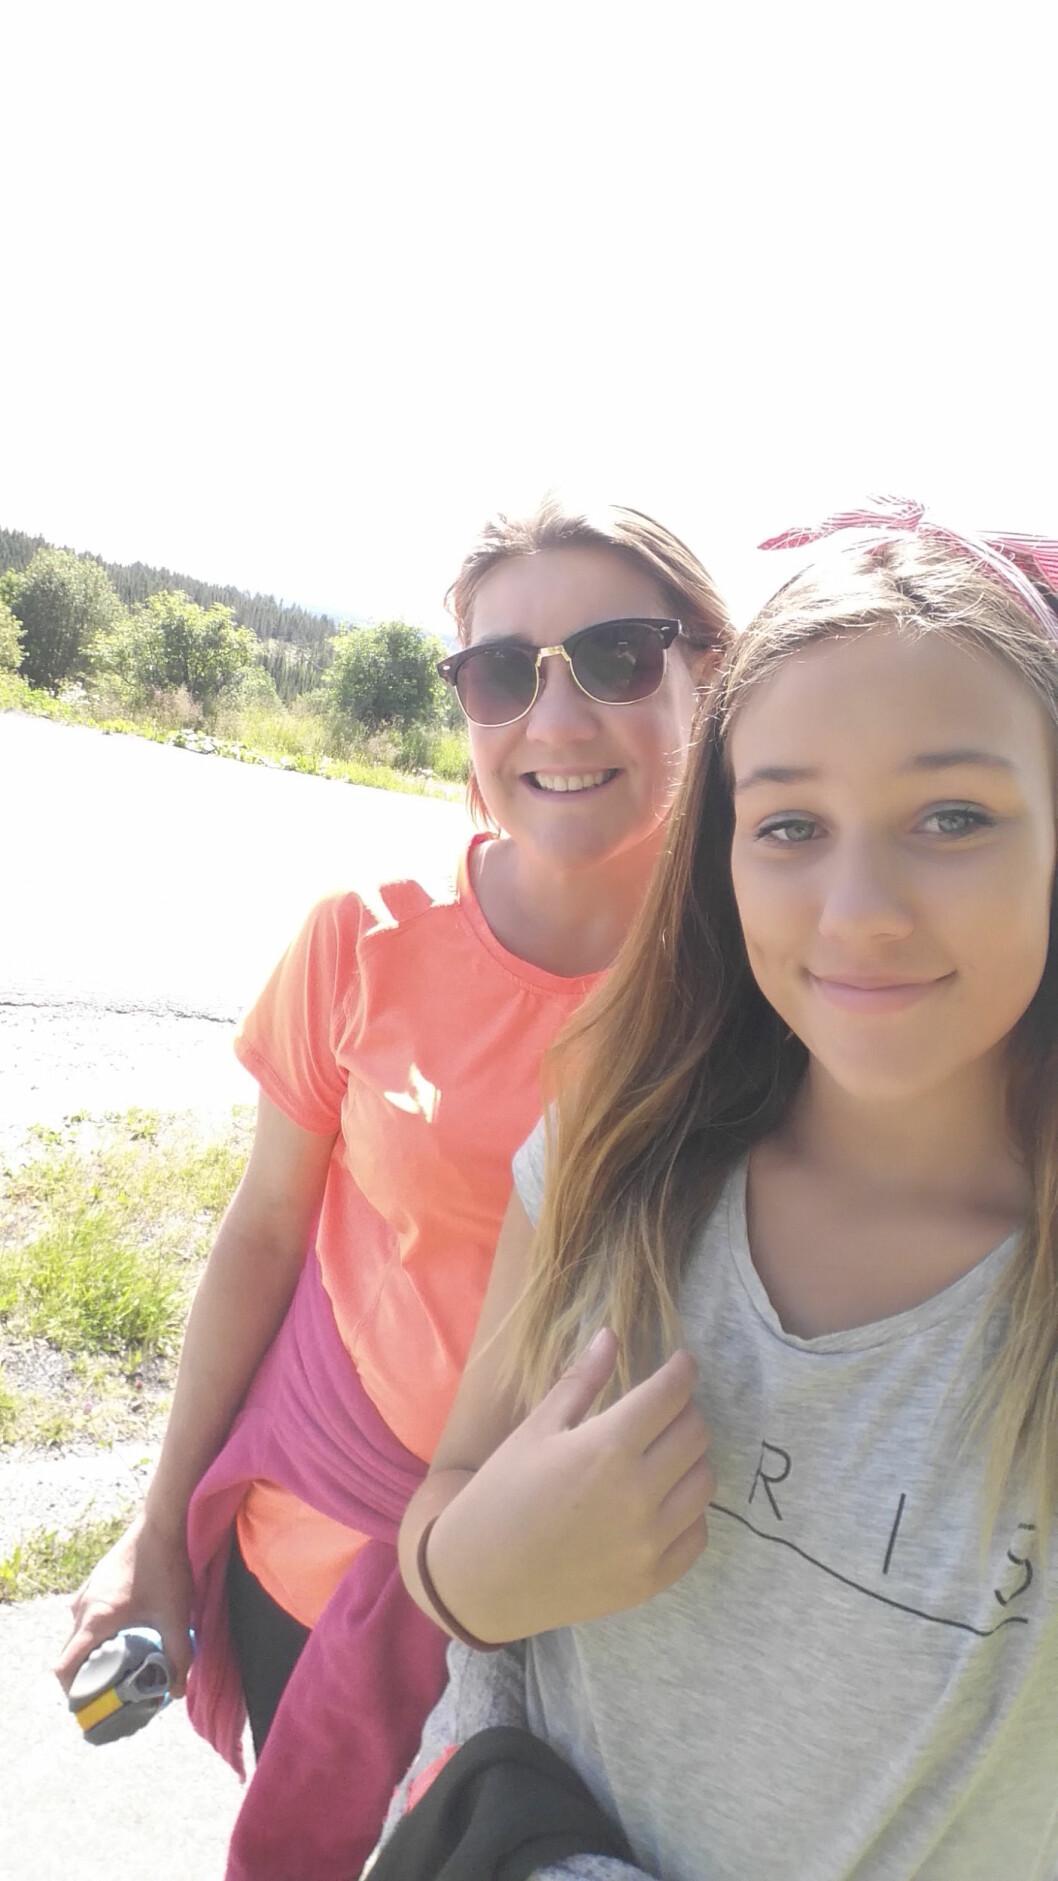 NYTT LIV: Med transplantasjonen kom overskuddet. I dag har Lene overskudd til å tilbringe så mye tid hun ønsker med datteren Simone. Foto: Sverre Chr. Jarild